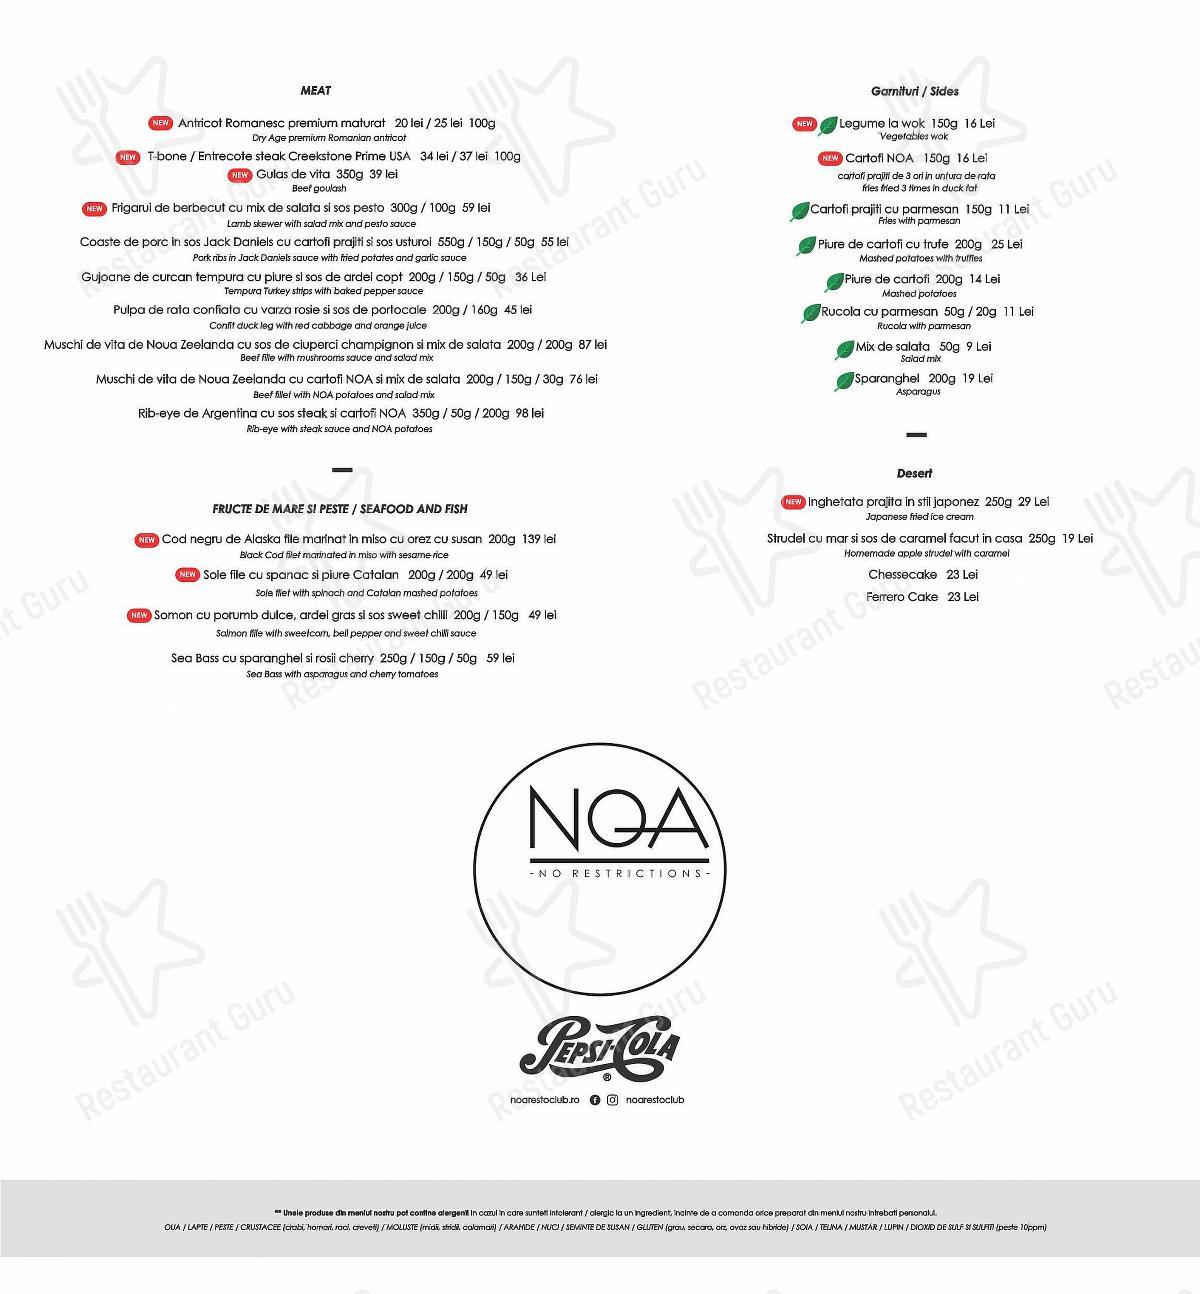 Carta de Noa restoclub